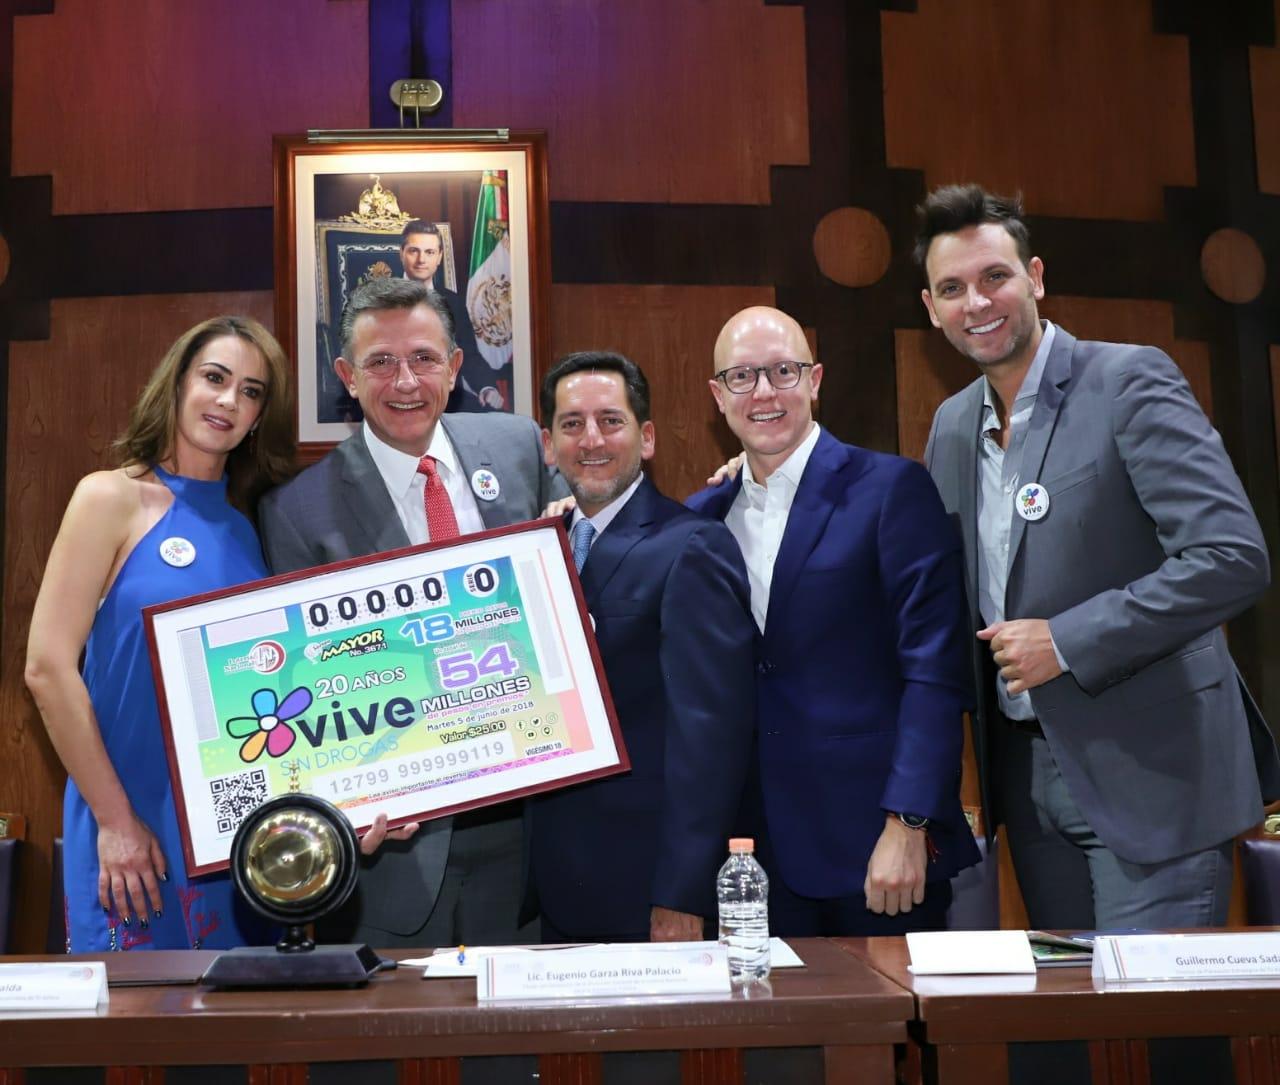 El Premio Mayor de 18 millones de pesos correspondió al billete de No. 48131; el segundo premio por un monto de un millón 500 mil pesos correspondió al billete No. 16850; el tercer premio por un monto de 750 mil pesos correspondió al billete No. 59686